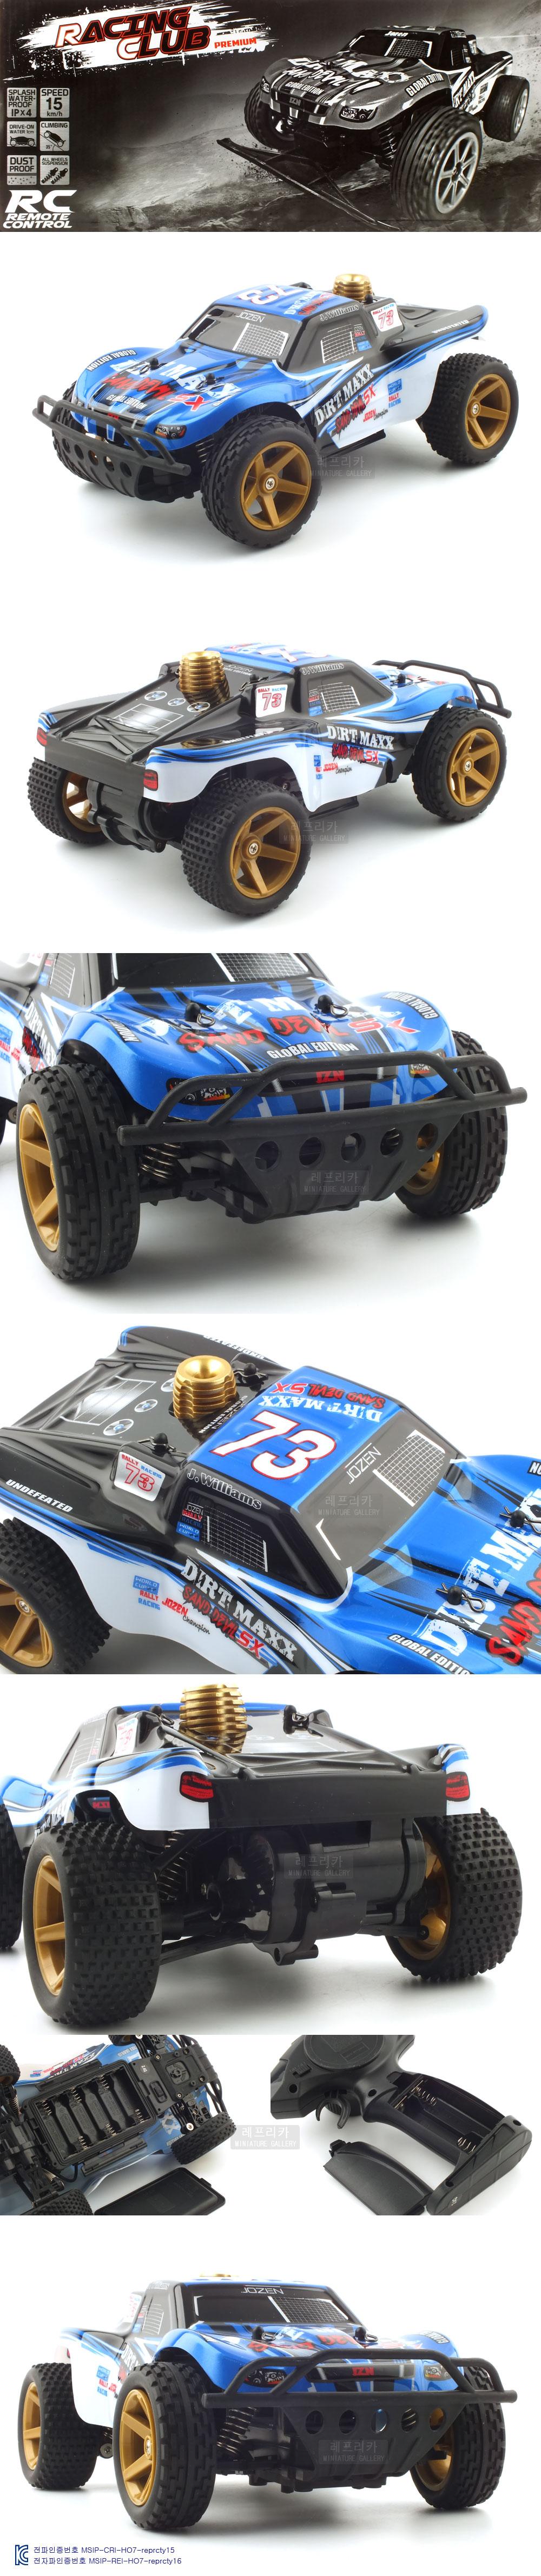 샌드데빌 트러기 2WD RC카 - 레프리카, 60,000원, R/C 카, 전동 R/C카